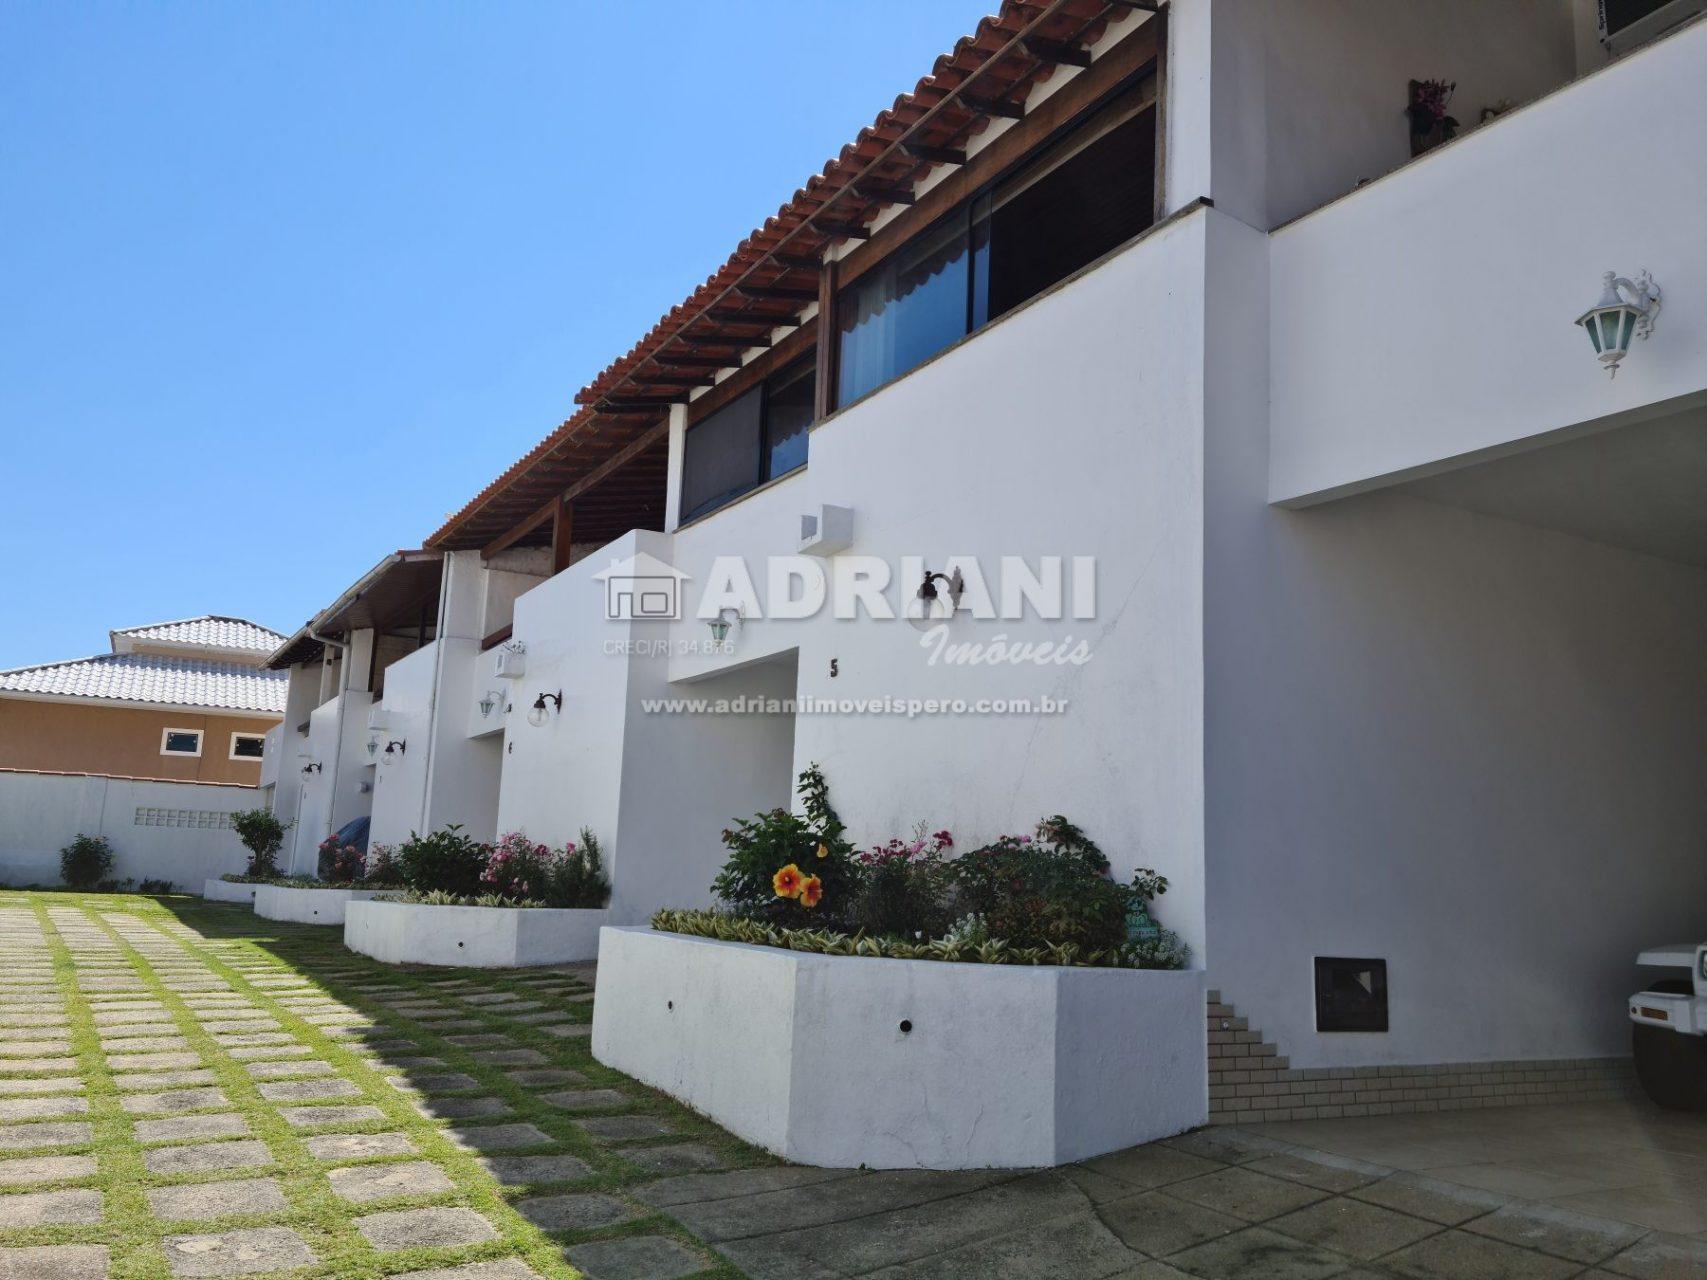 Cód: 025  Venda Peró, 3 quartos, condomínio fechado.